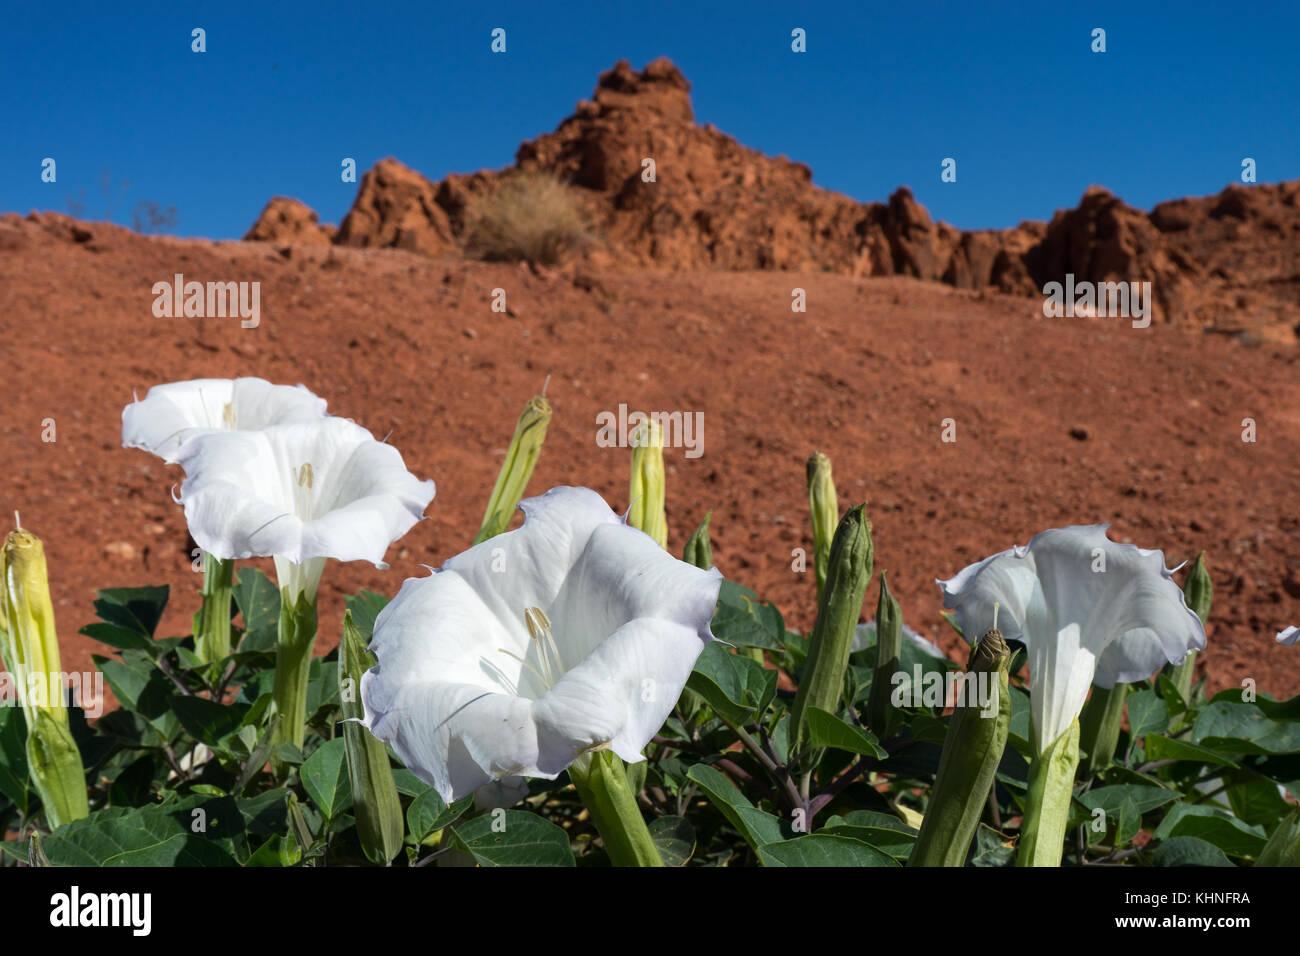 White desert flowers stock photos white desert flowers stock white desert flowers in the valley of fire nevada stock image mightylinksfo